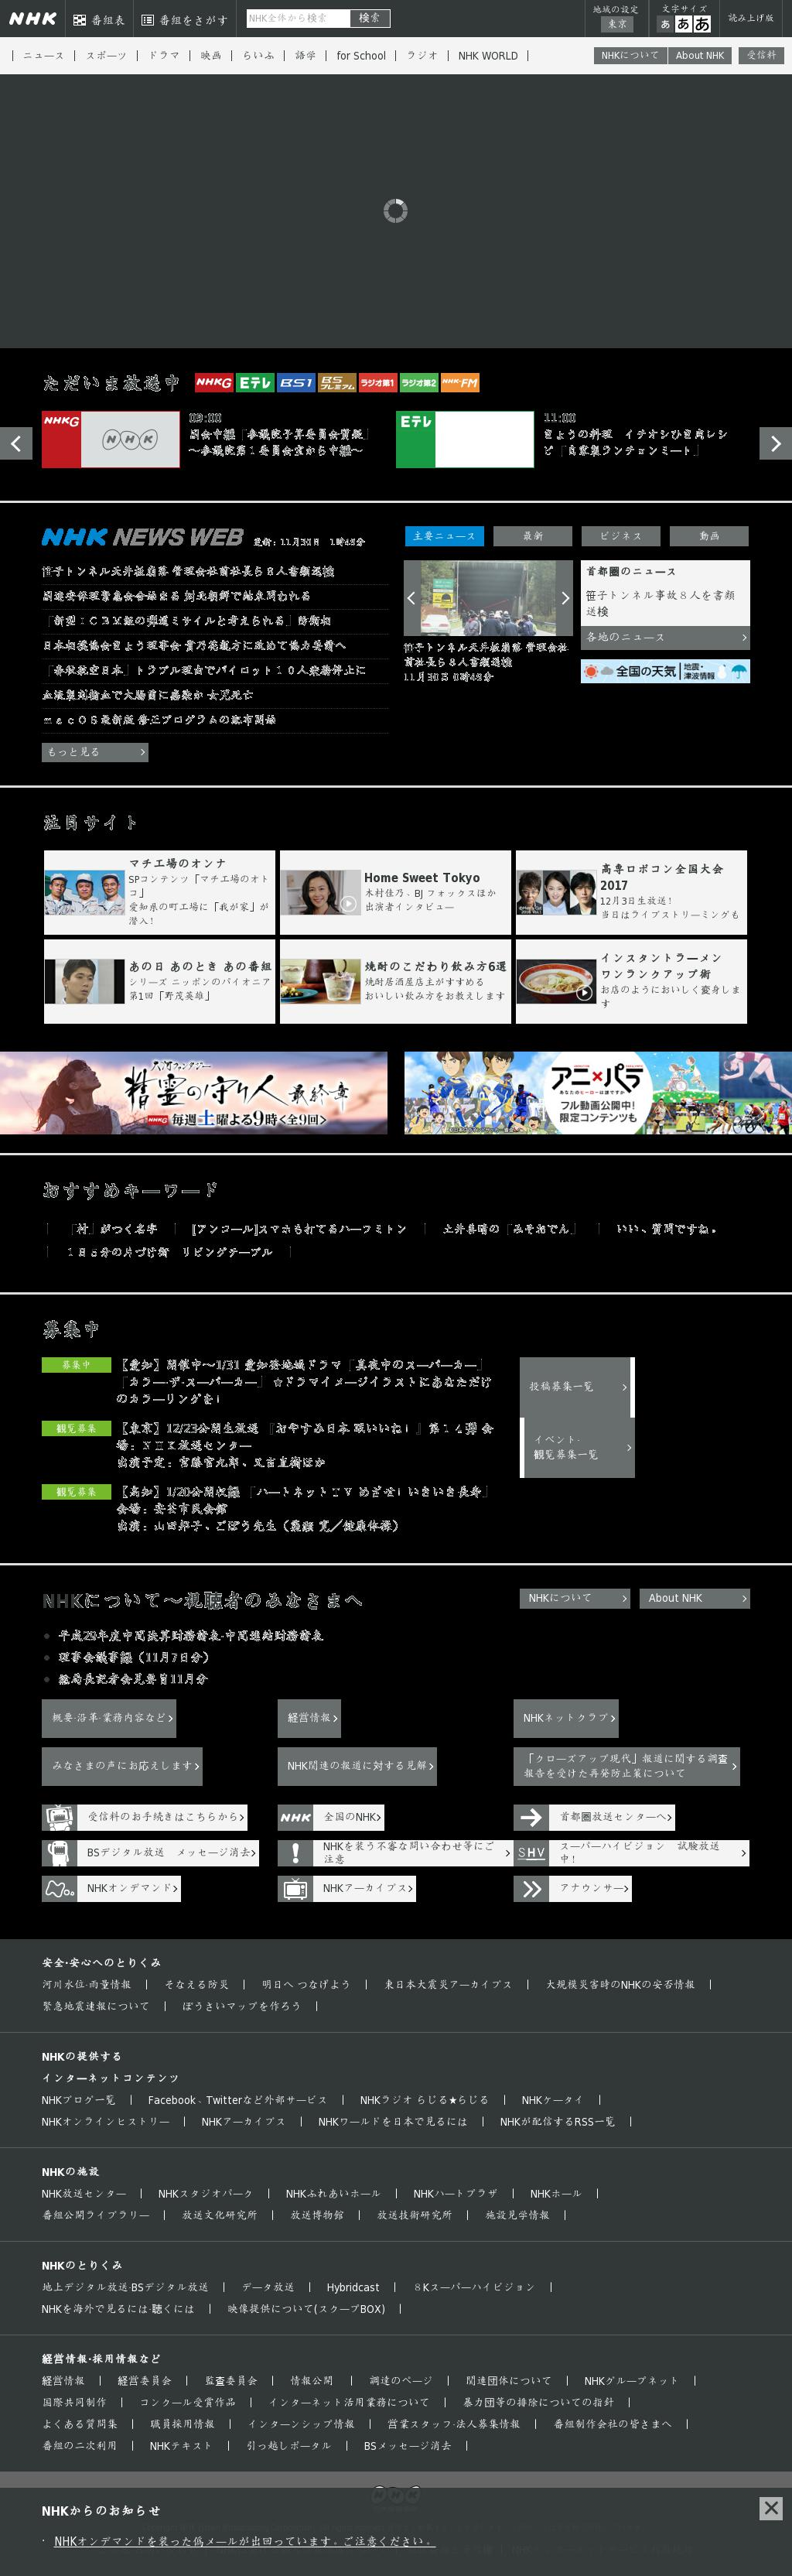 NHK Online at Saturday Jan. 6, 2018, 11:15 a.m. UTC